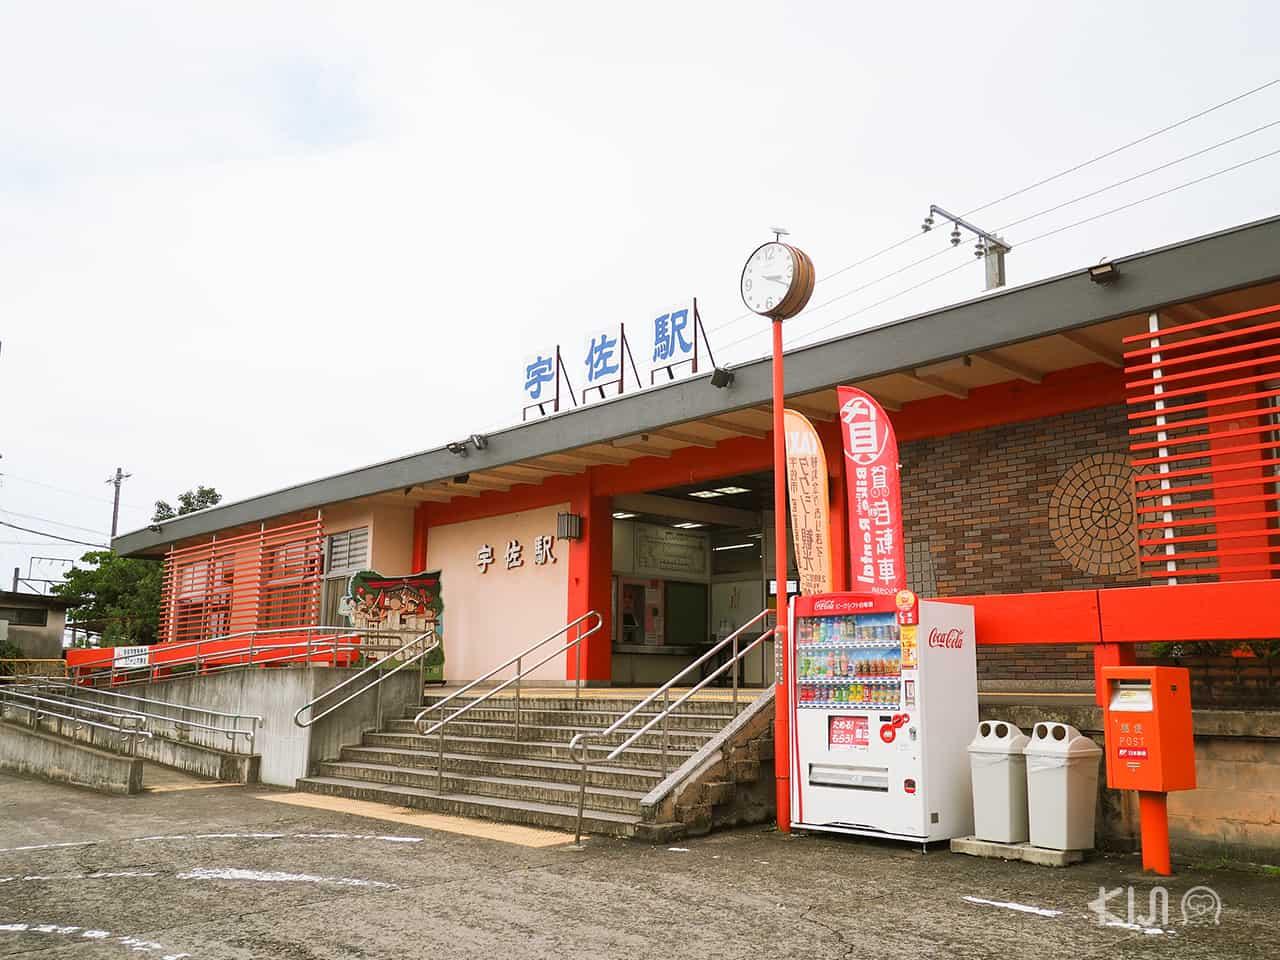 สถานีรถไฟอุสะ (Usa Station)